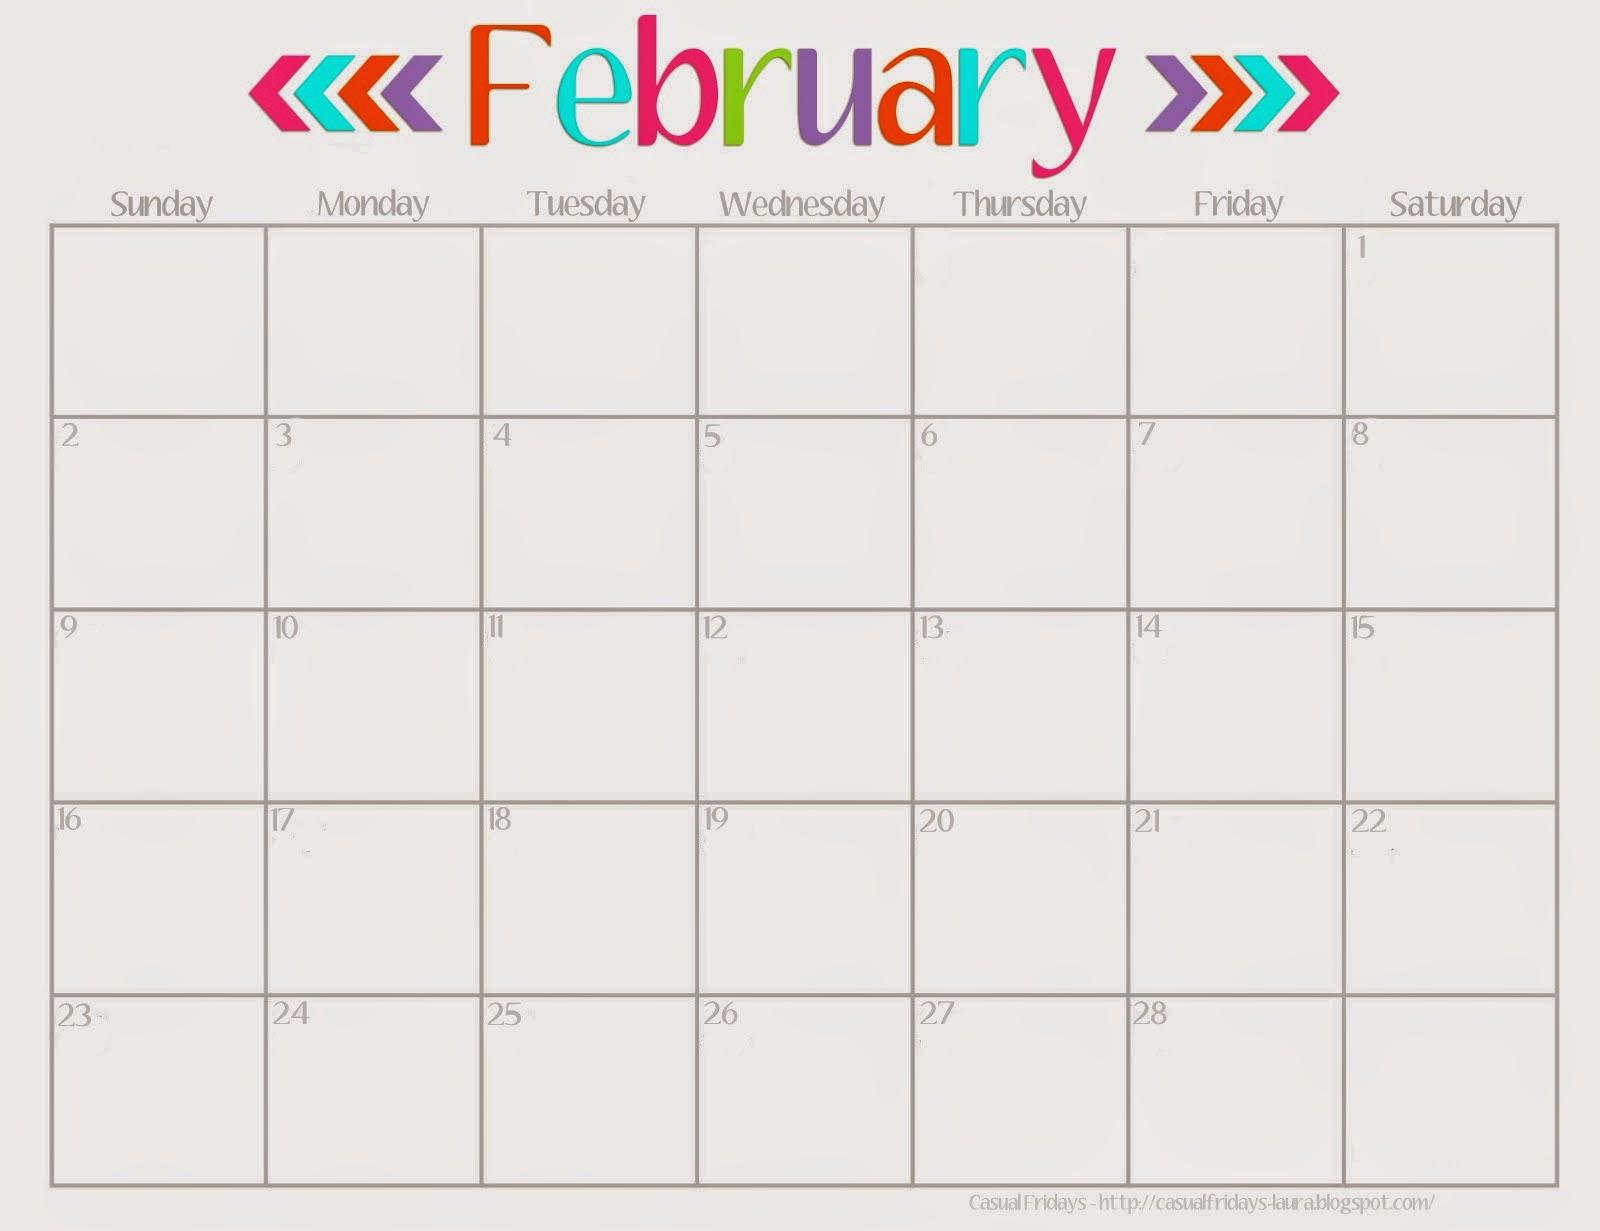 February 2015 Calendar Cute | New Calendar Template Site